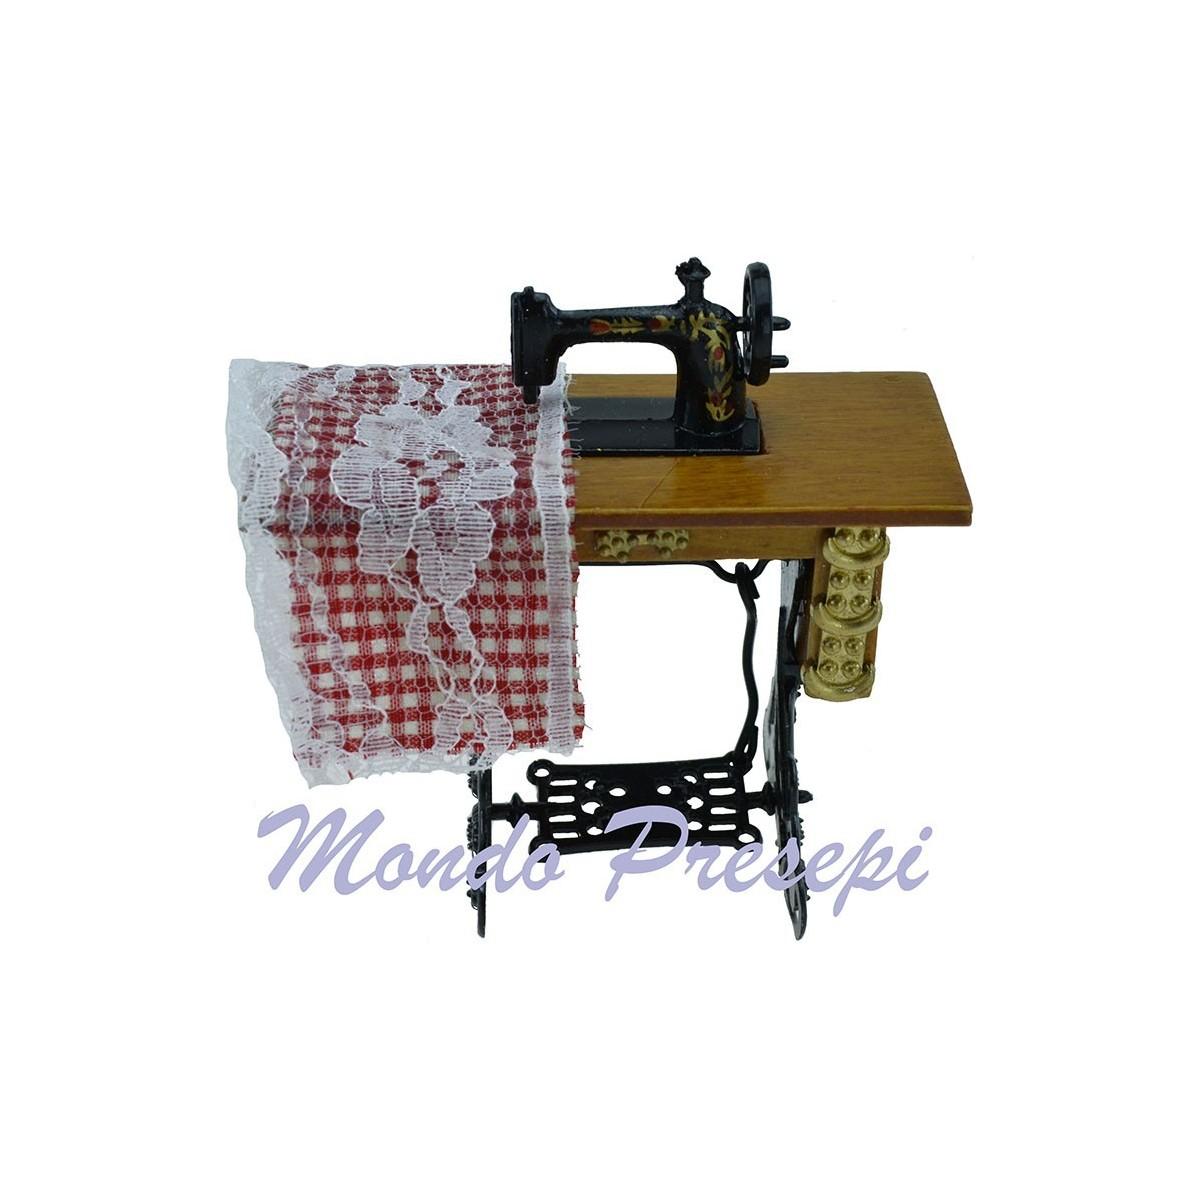 Macchina da cucire con banco mondo presepi - Tavolo macchina da cucire ...